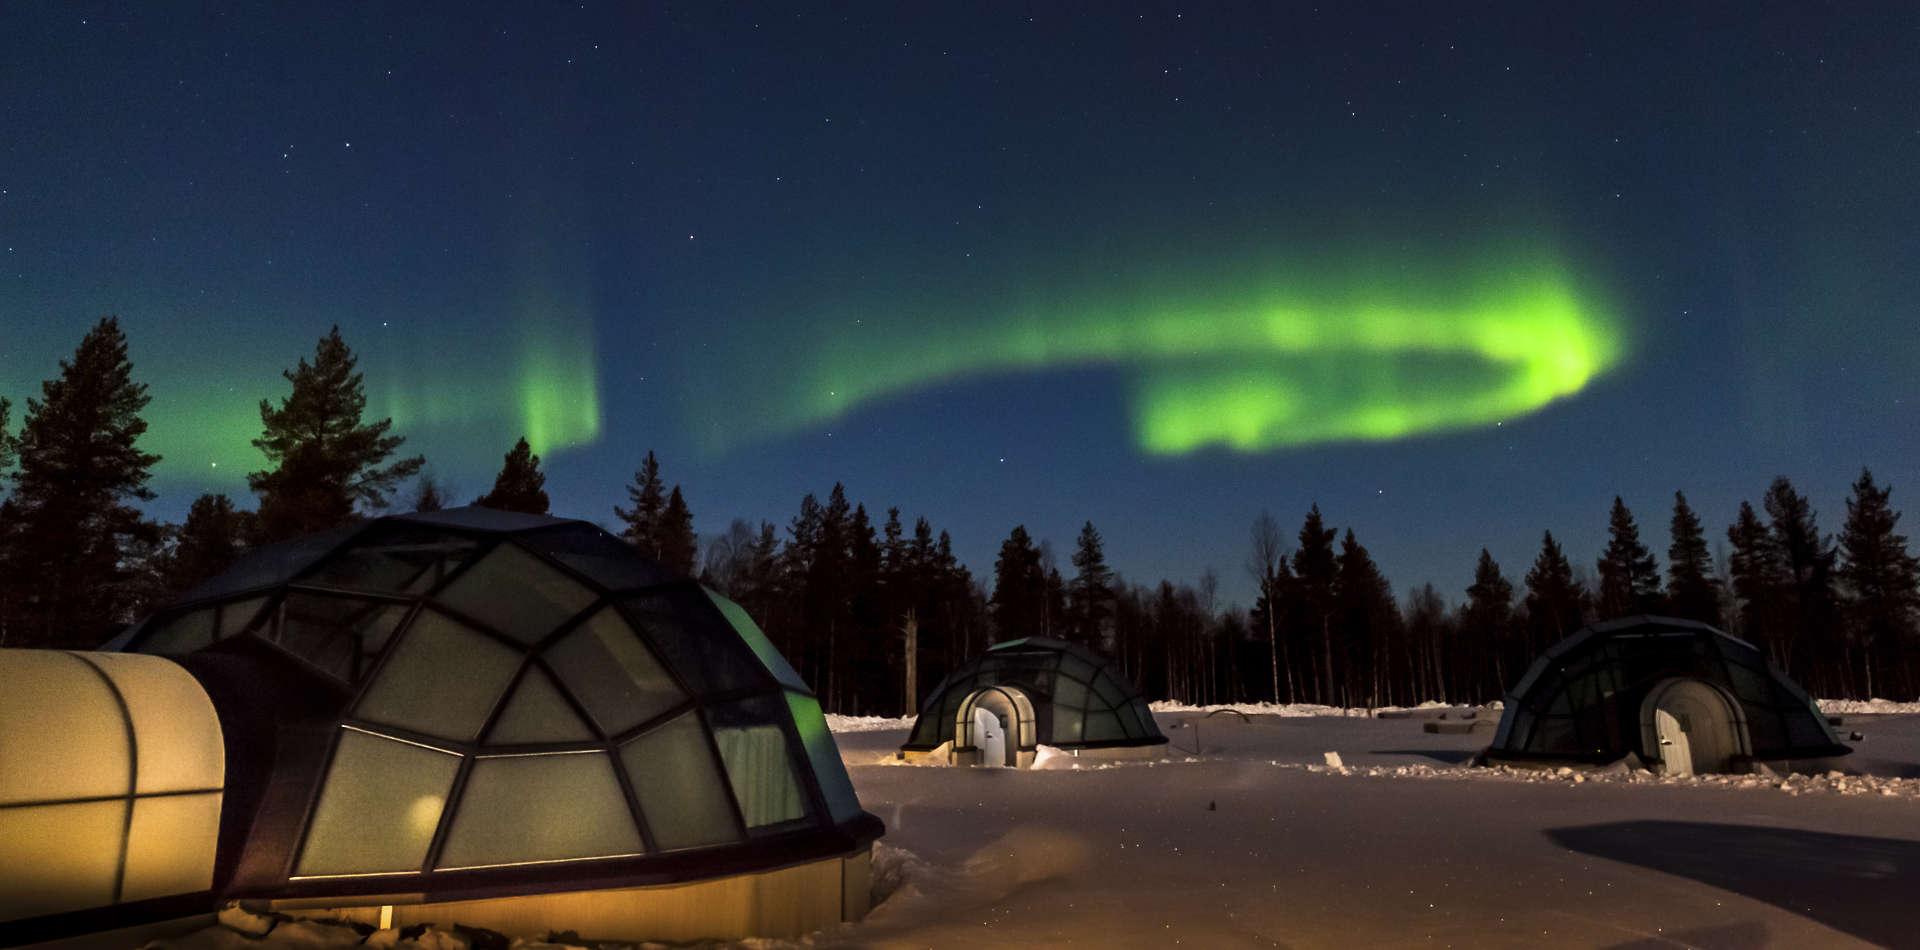 Erlebnisreisen nach Finnland, Kakslauttanen Arctic Resort